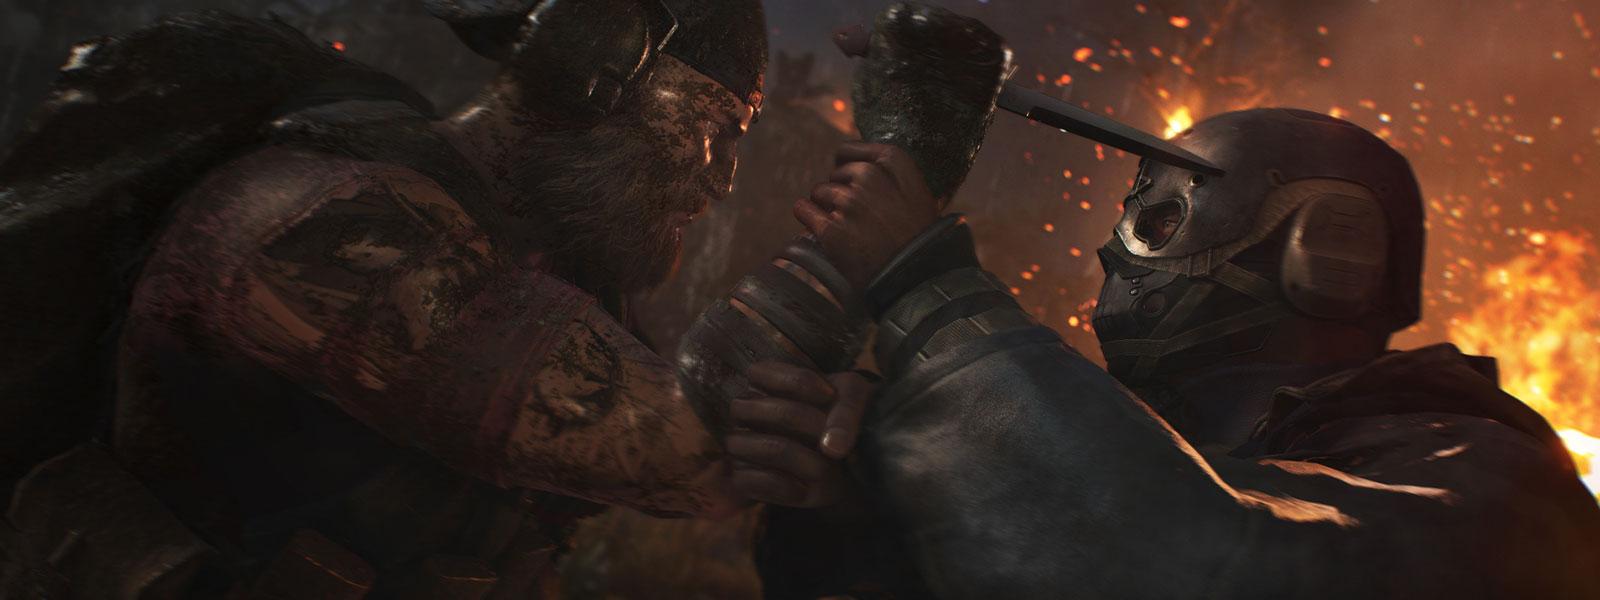 角色试图用刀刺伤蒙面人